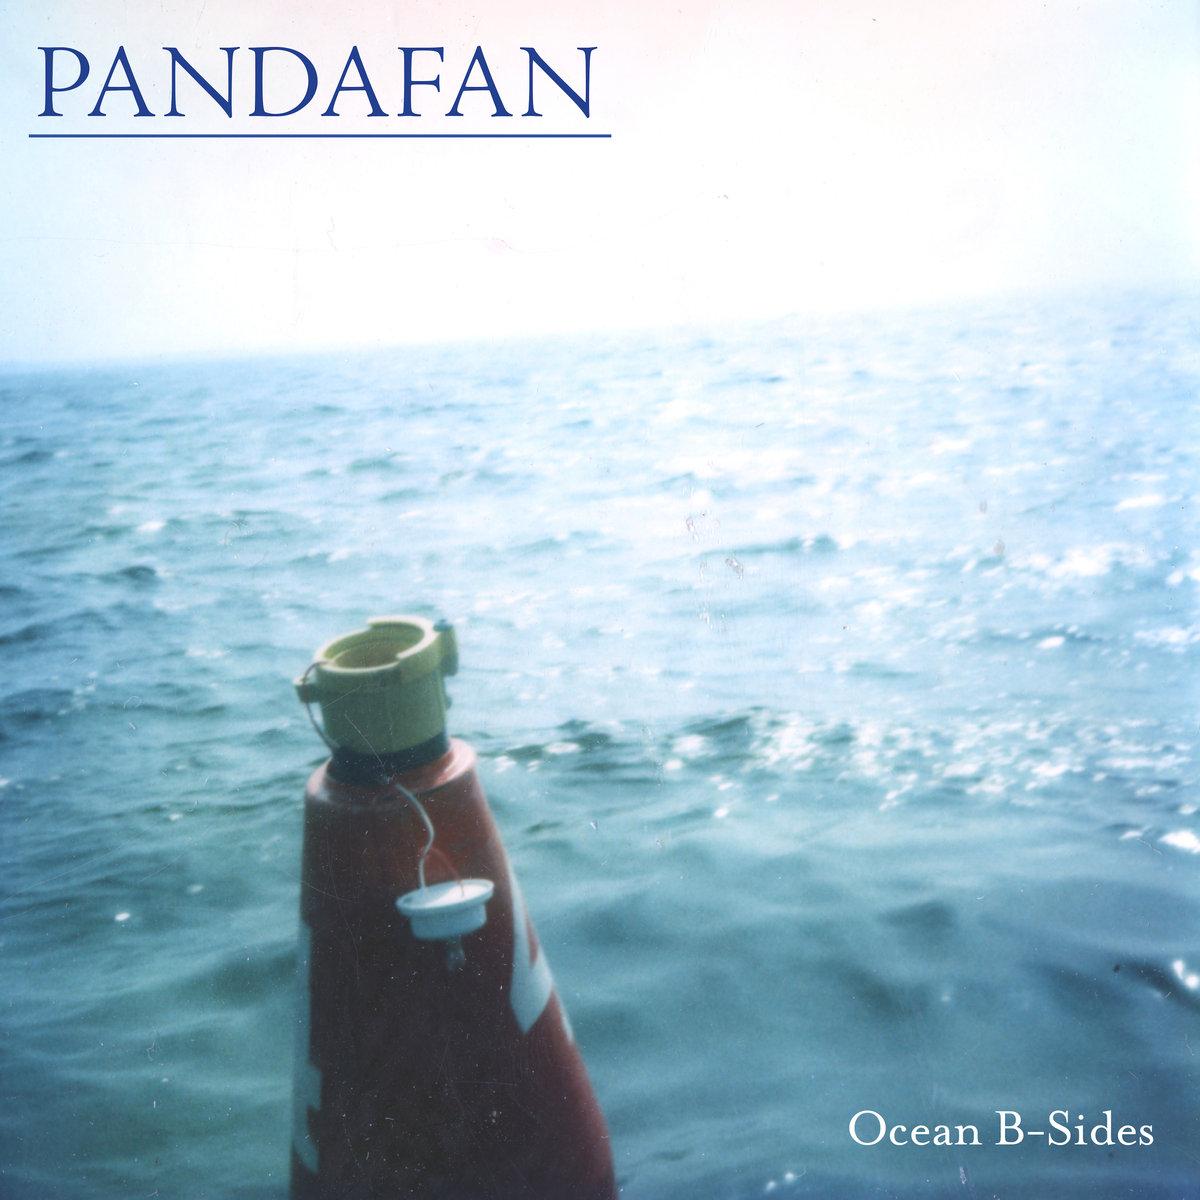 Released: August 16th, 2017 Genres: Indie folk, Americana